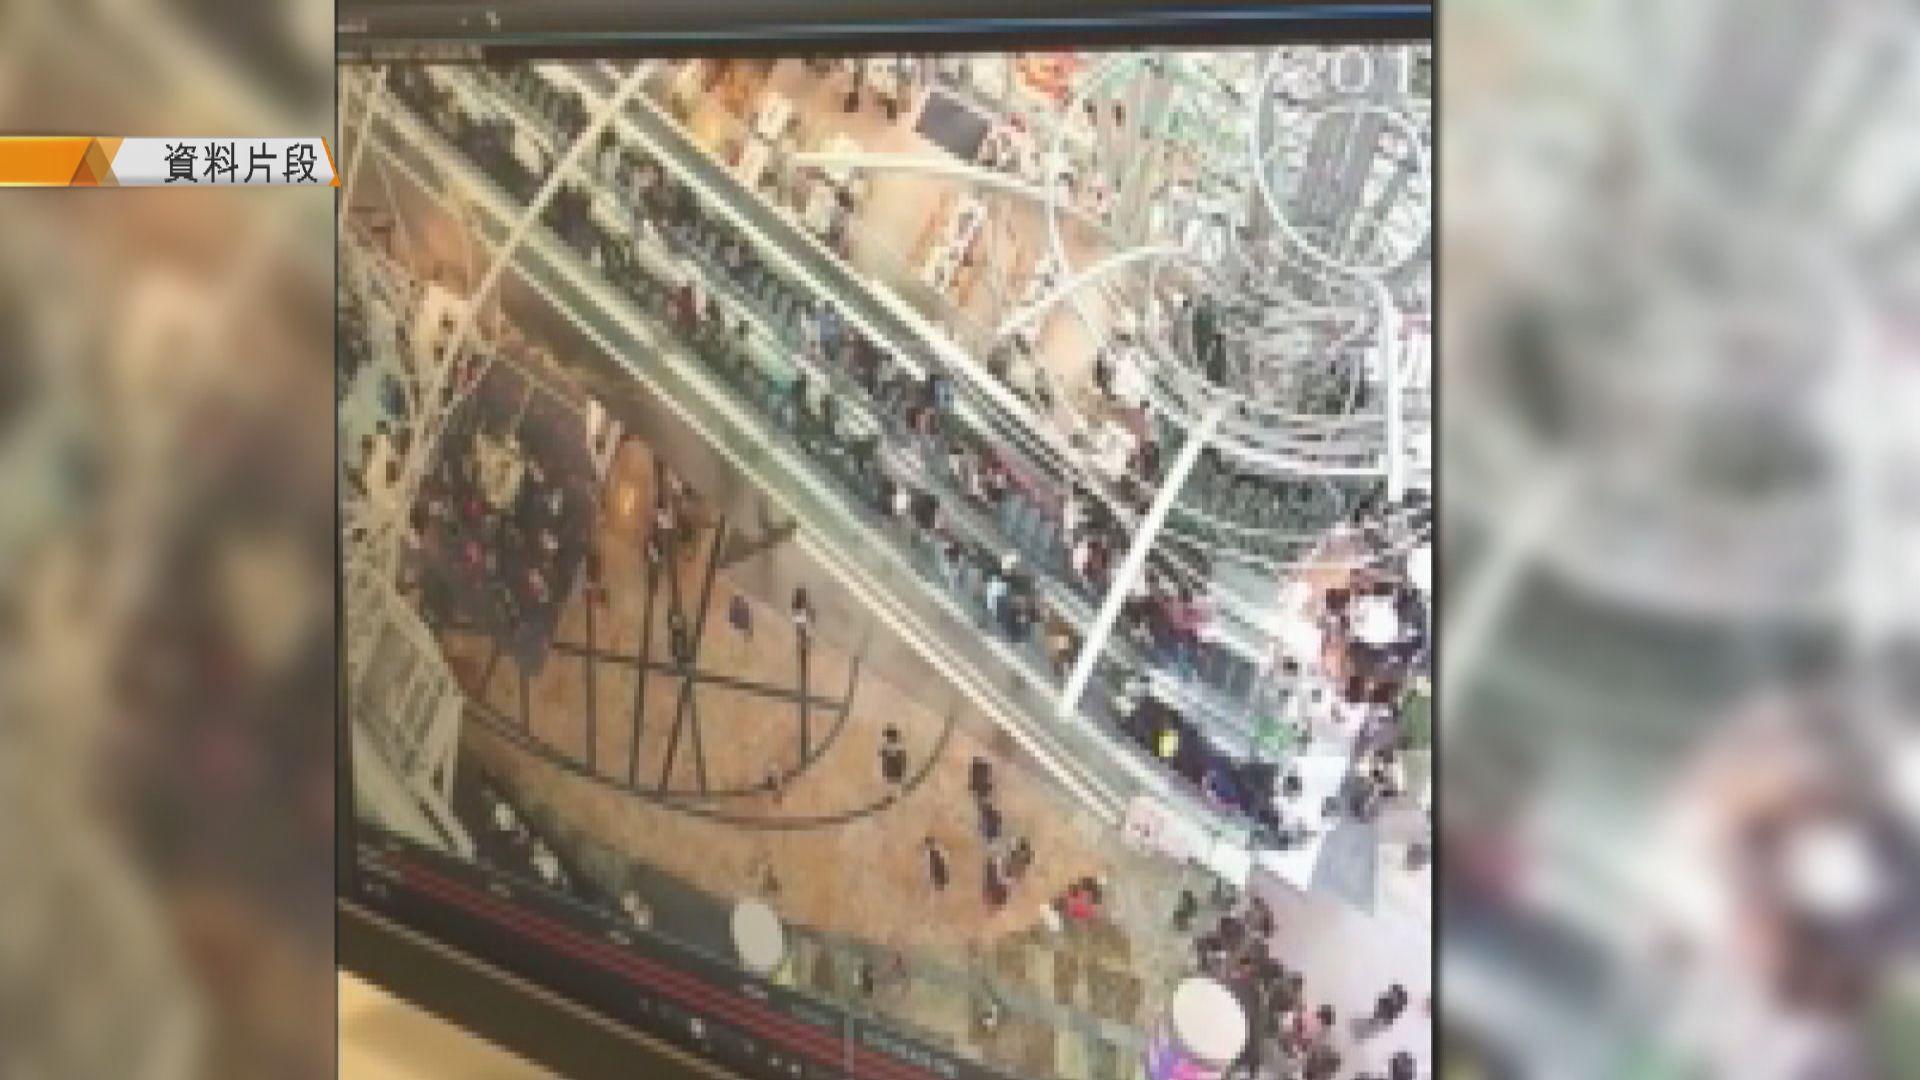 朗豪坊扶手電梯事故工程師被控開審